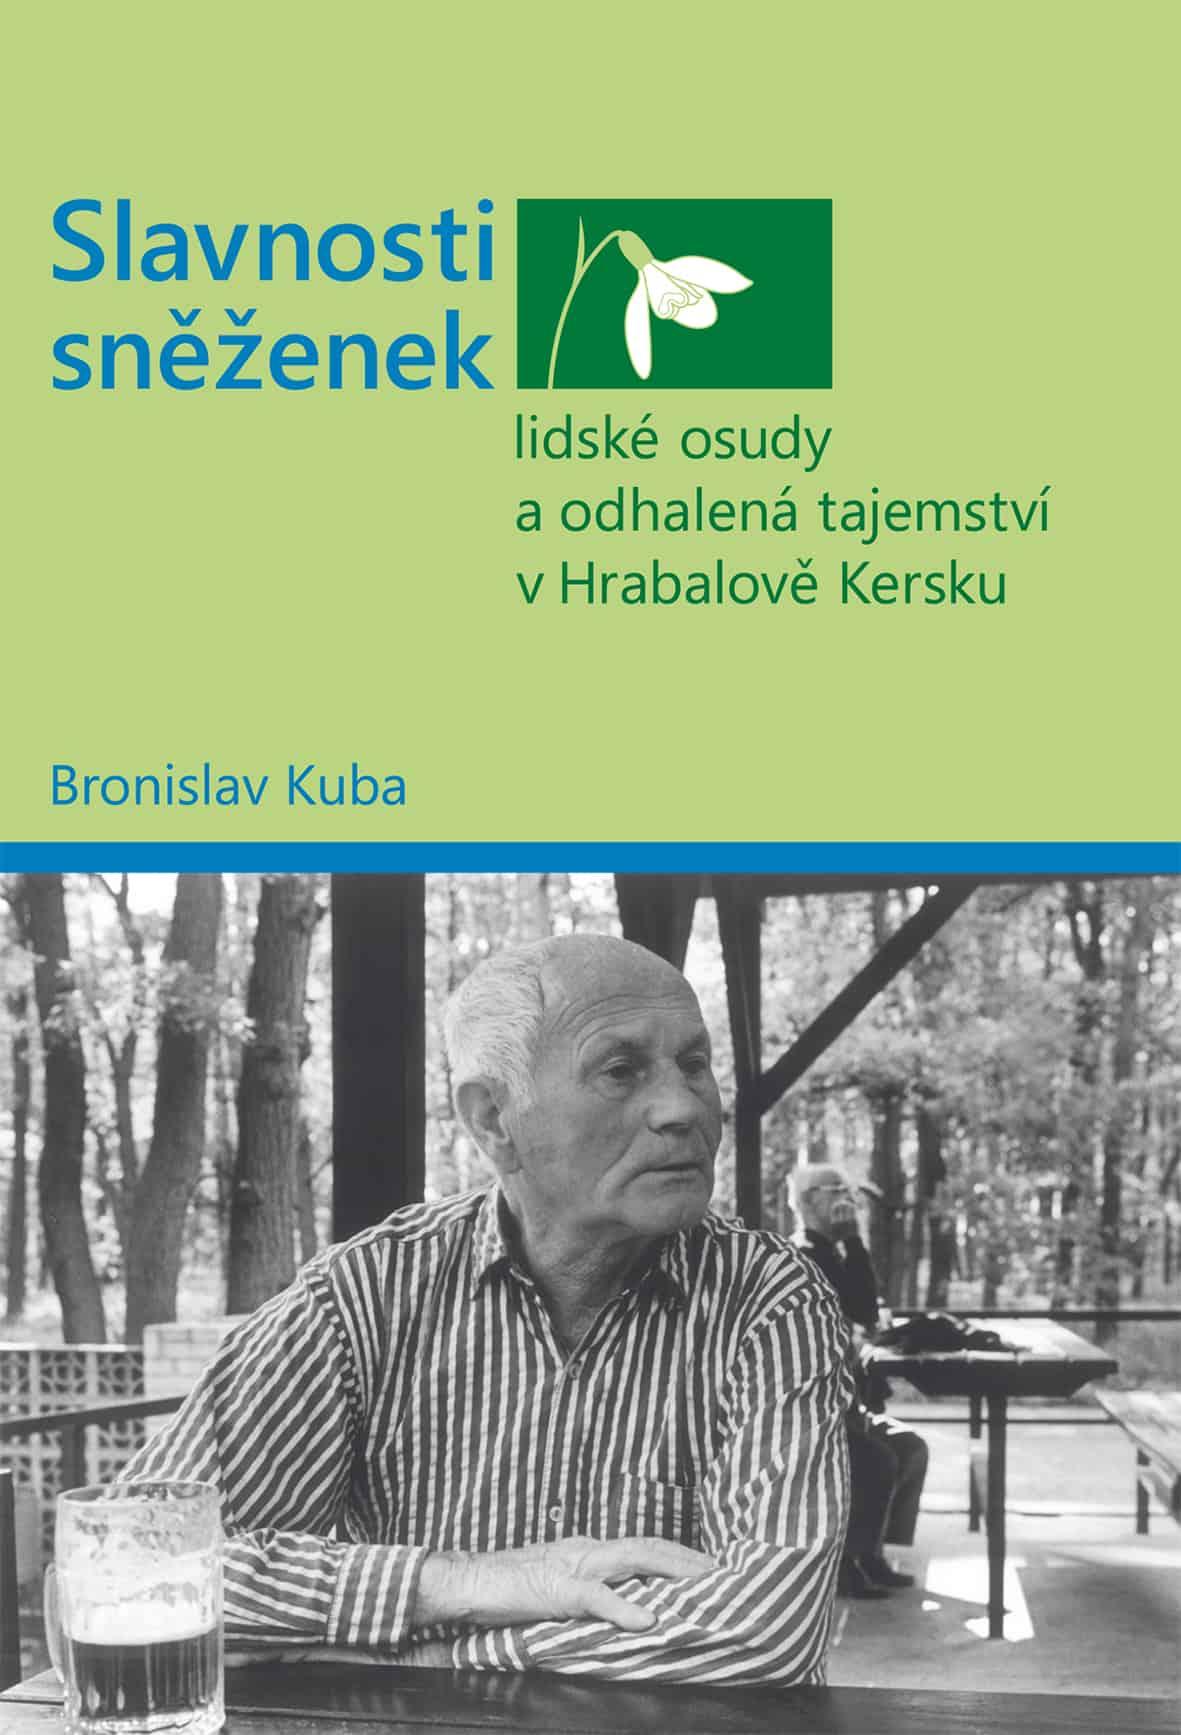 Bronislav Kuba – Slavnosti sněženek  – lidské osudy a odhalená tajemství v Hrabalově Kersku